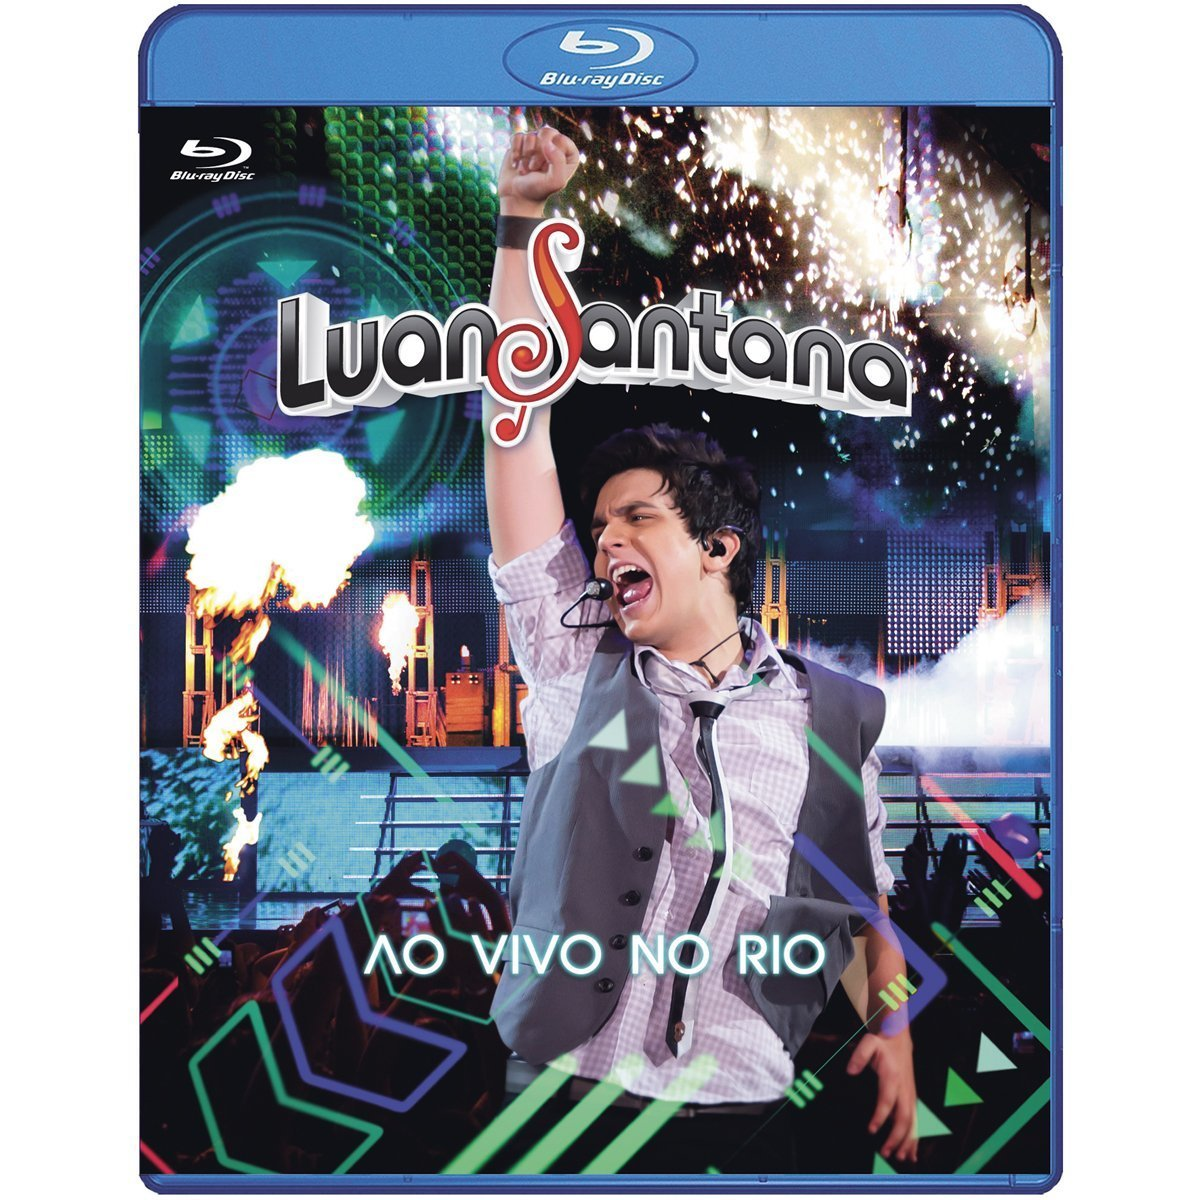 Luan Santana - Our shop most popular Long Beach Mall Ao Rio No Vivo Blu-ray